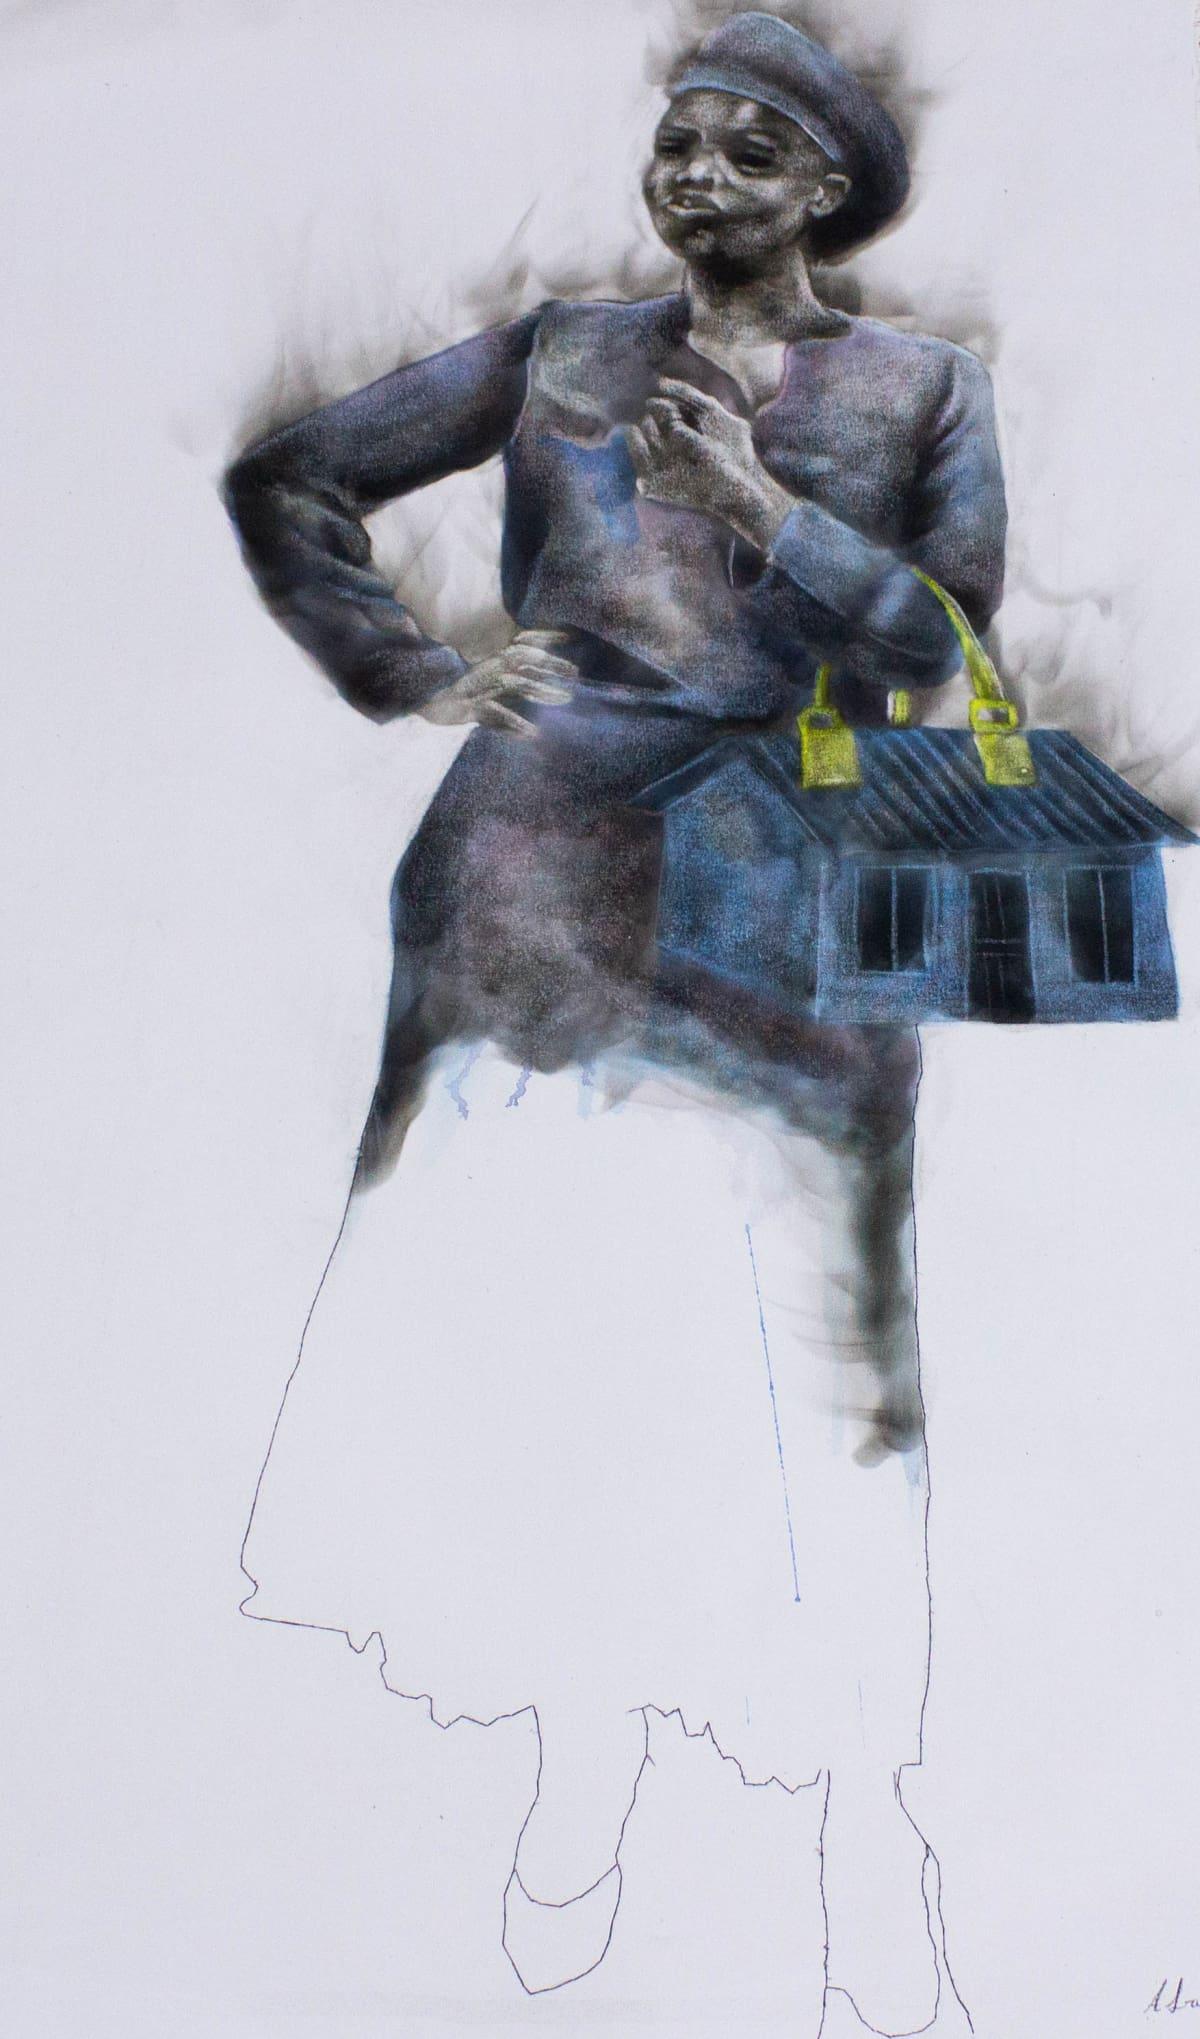 Azael Langa, Untitled, 2019